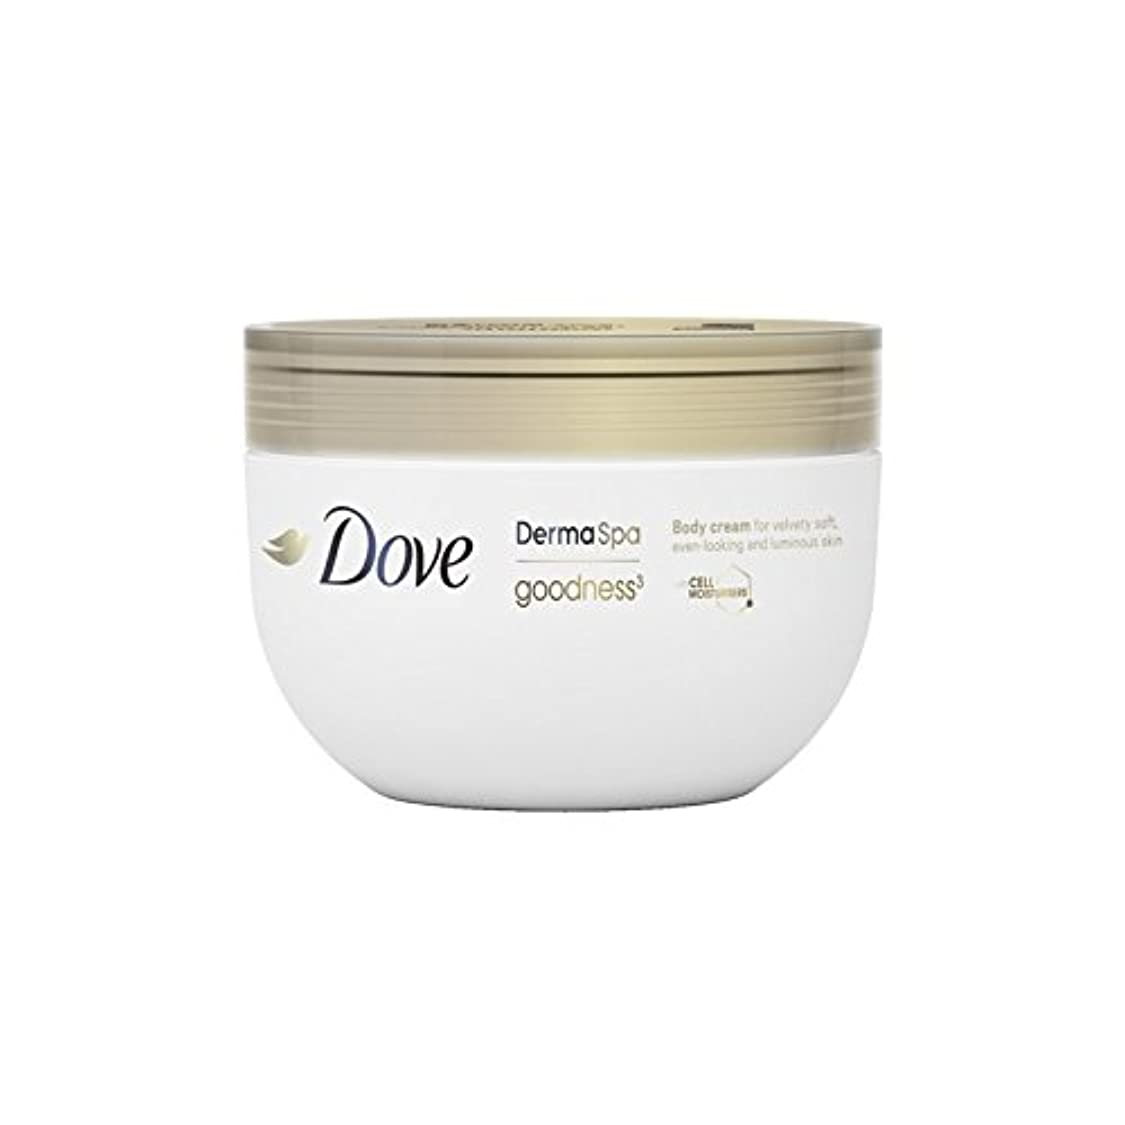 びっくりした終了するお誕生日鳩の3ボディクリーム(300ミリリットル) x2 - Dove DermaSpa Goodness3 Body Cream (300ml) (Pack of 2) [並行輸入品]